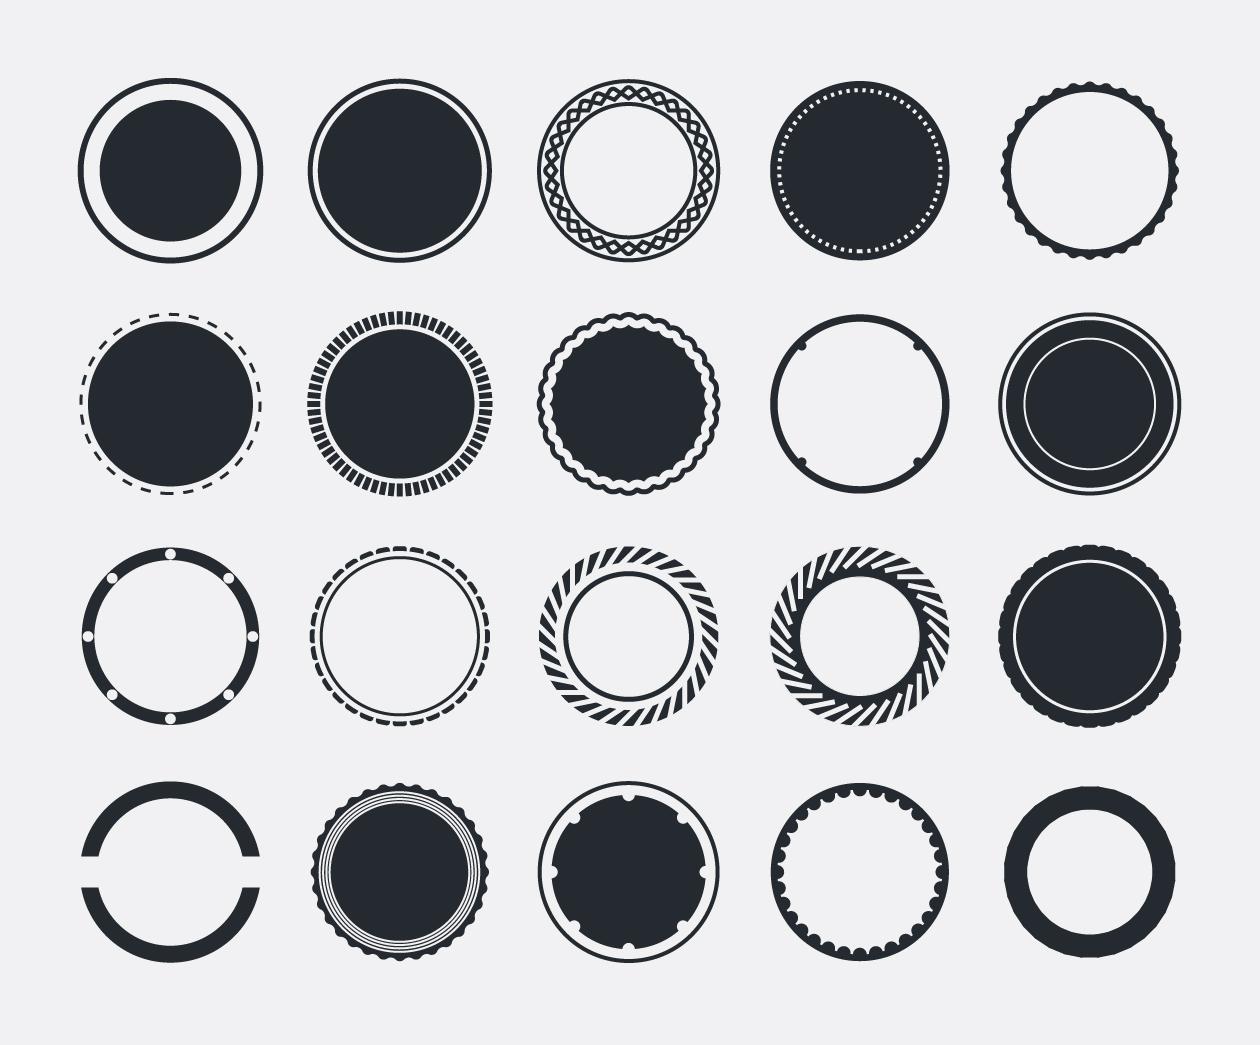 Design Elements - Badges Circles